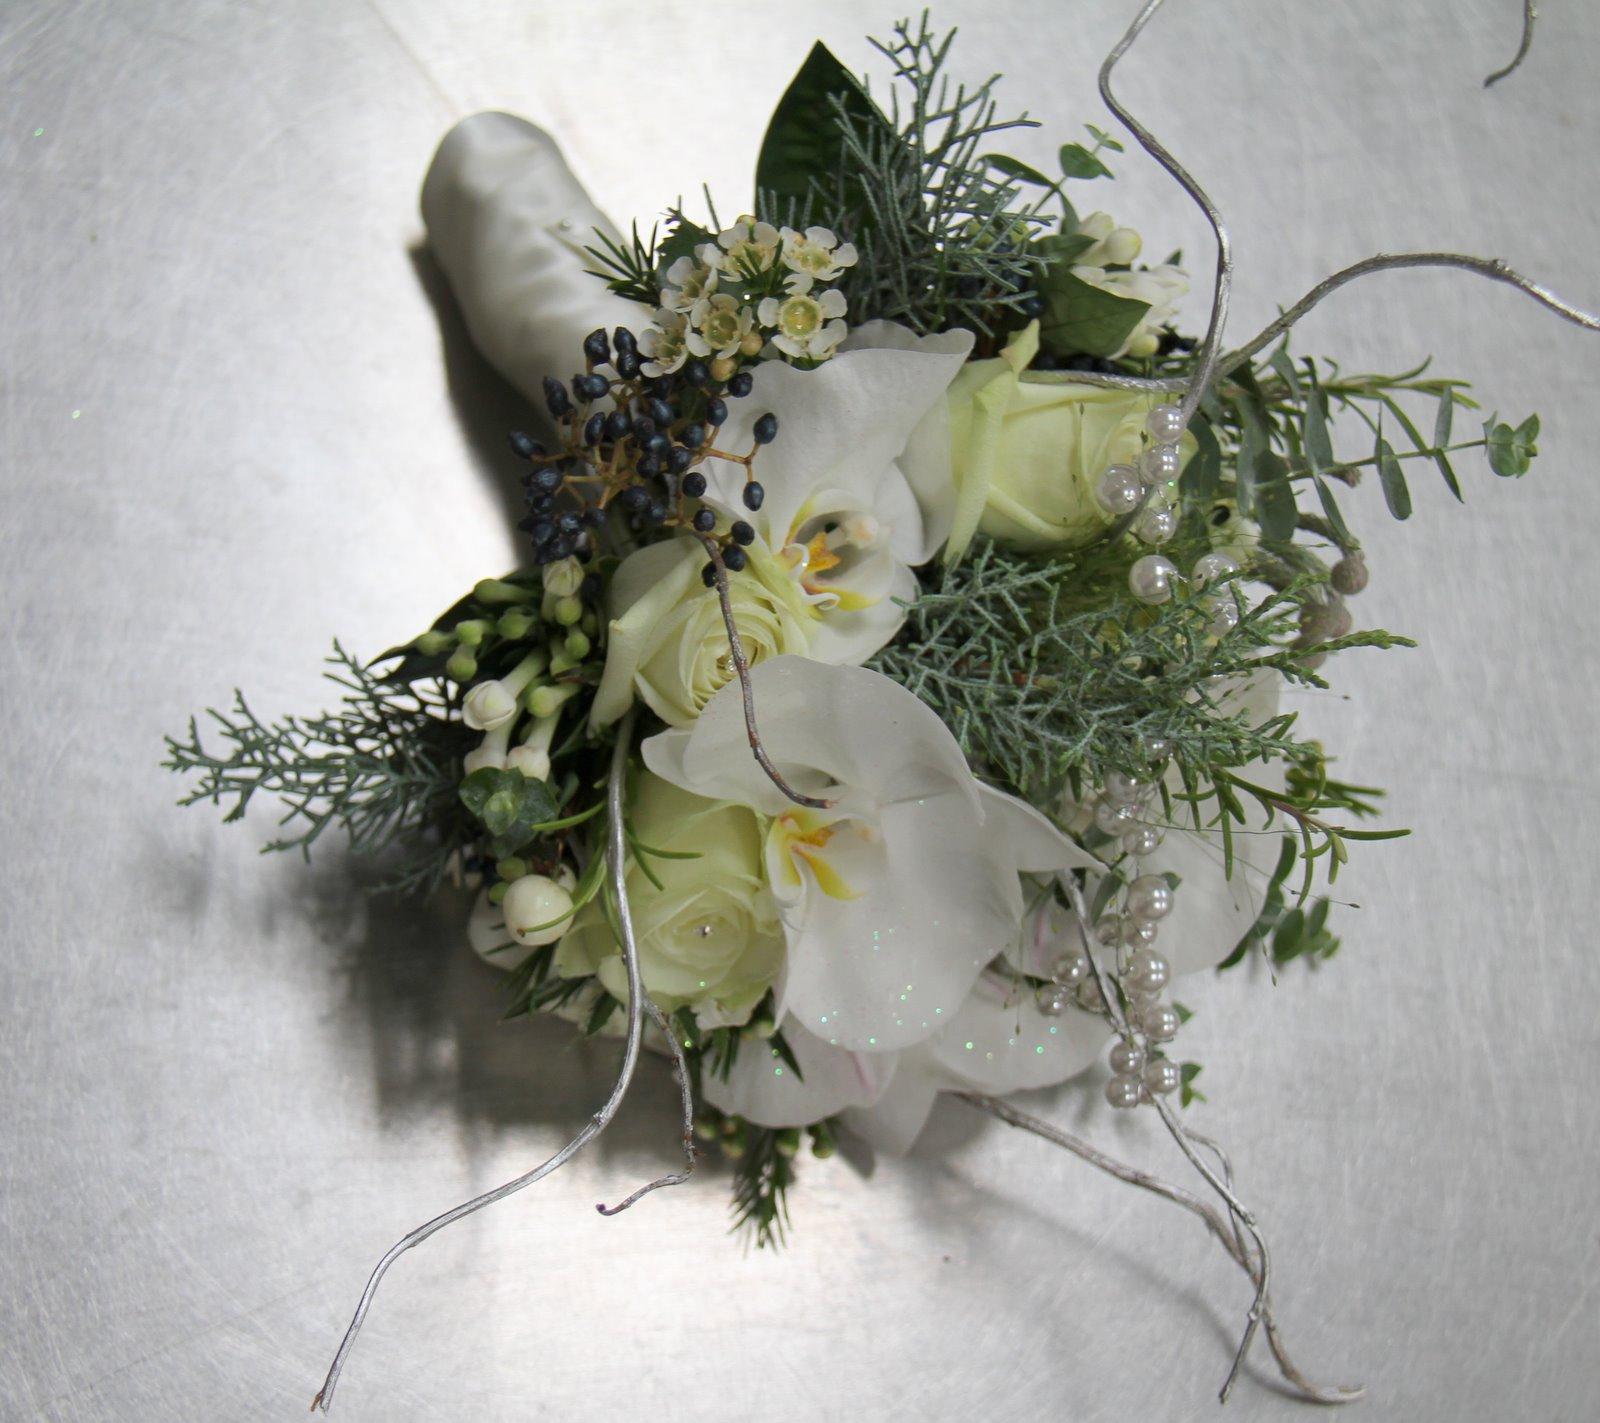 Winter Bouquet: The Flower Magician: Magical Winter Forest Wedding Bouquet